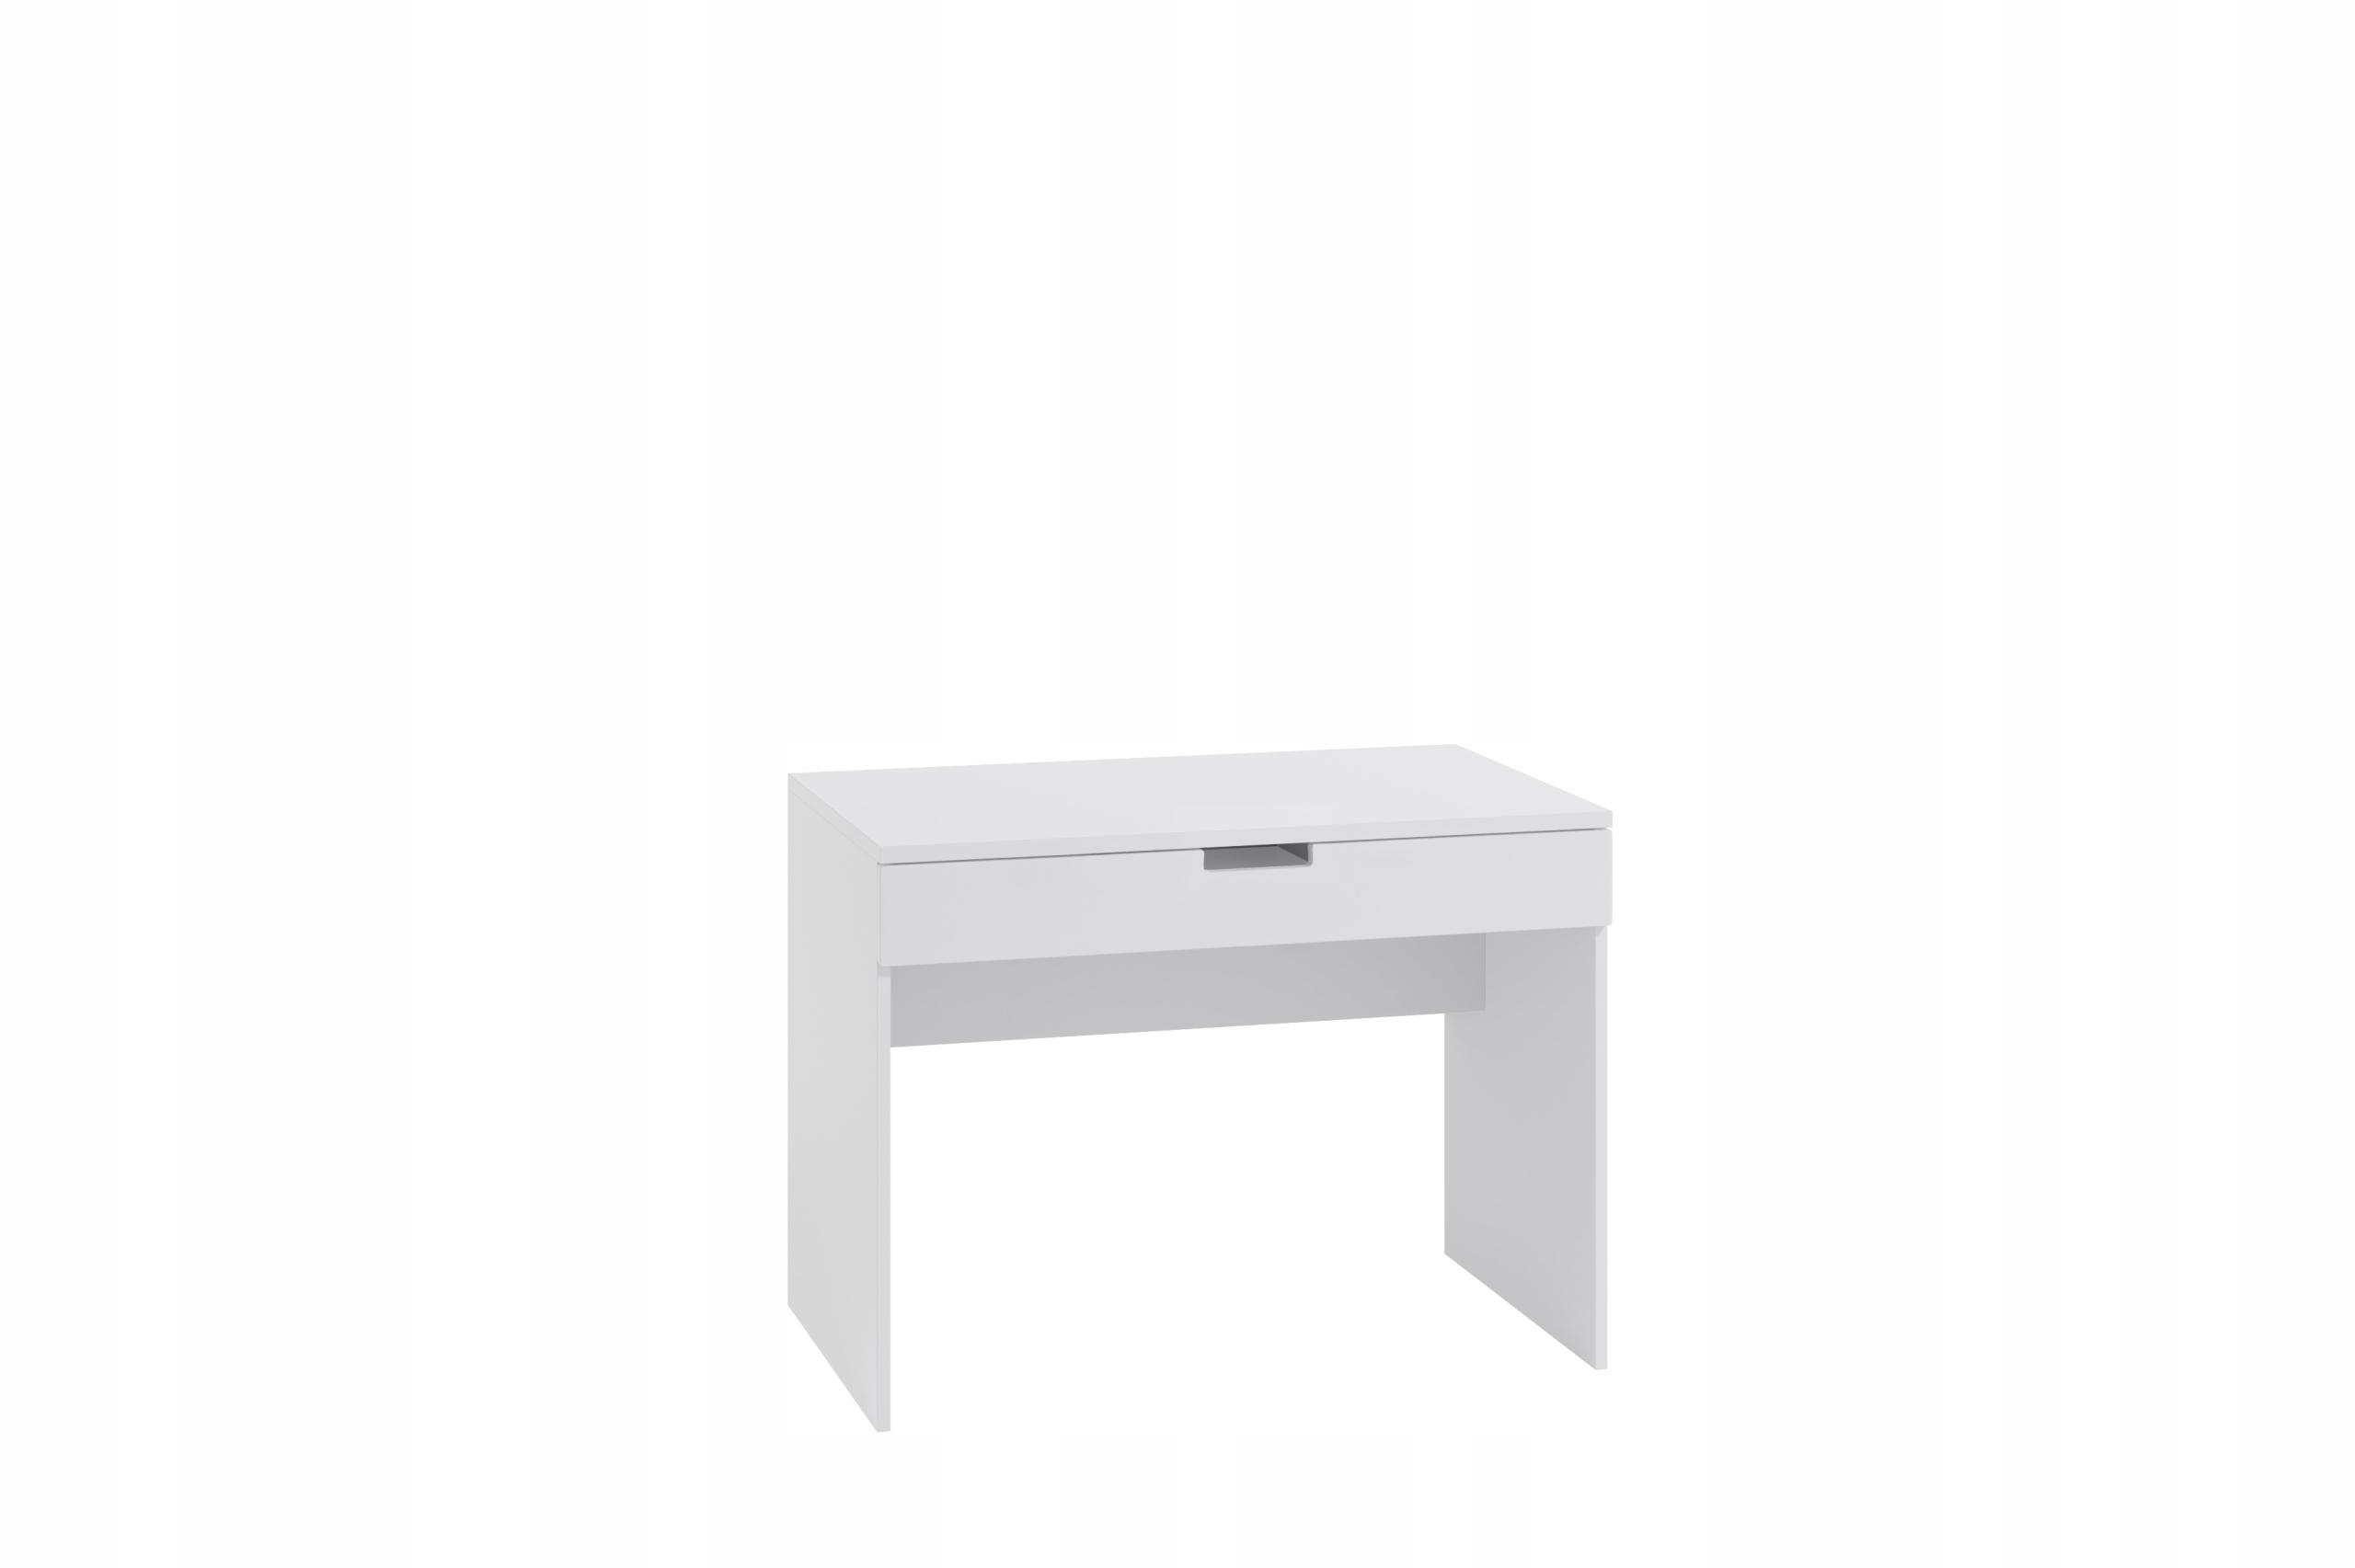 Tomi 100 / 75.5 / 60 письменный стол детский